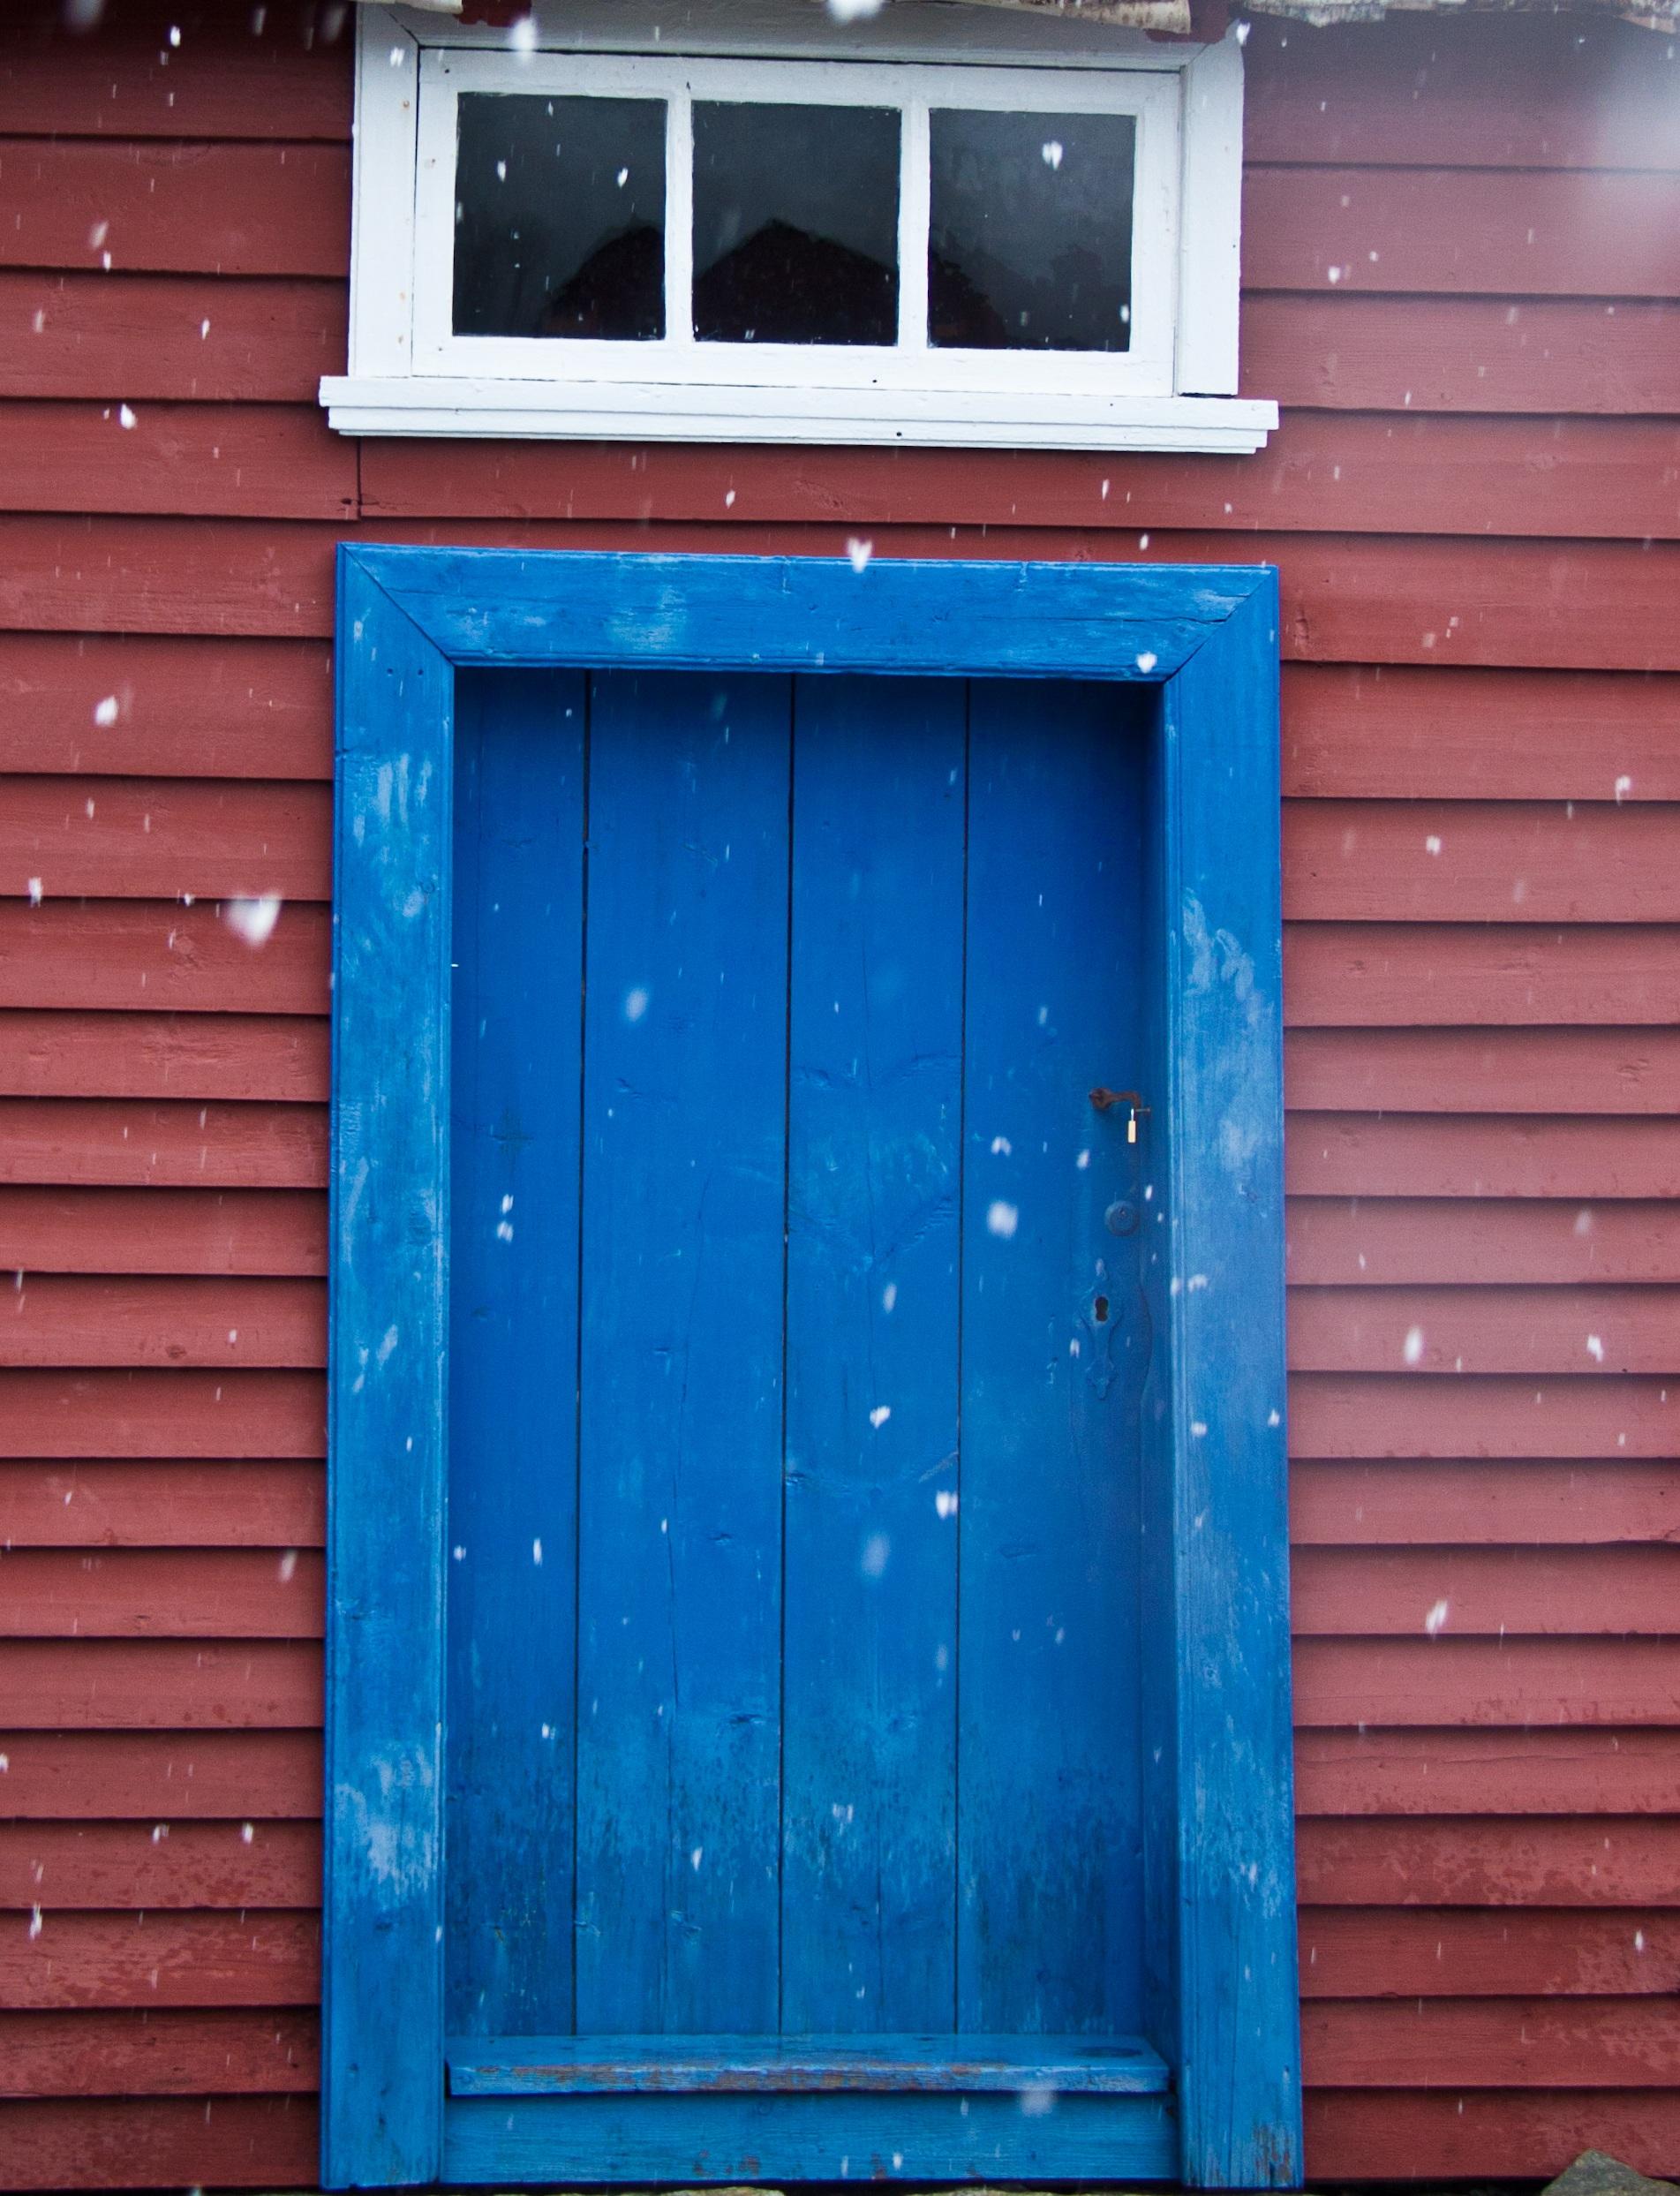 무료 이미지 : 겨울, 건축물, 목재, 집, 창문, 건물, 시티, 흘리다 ...